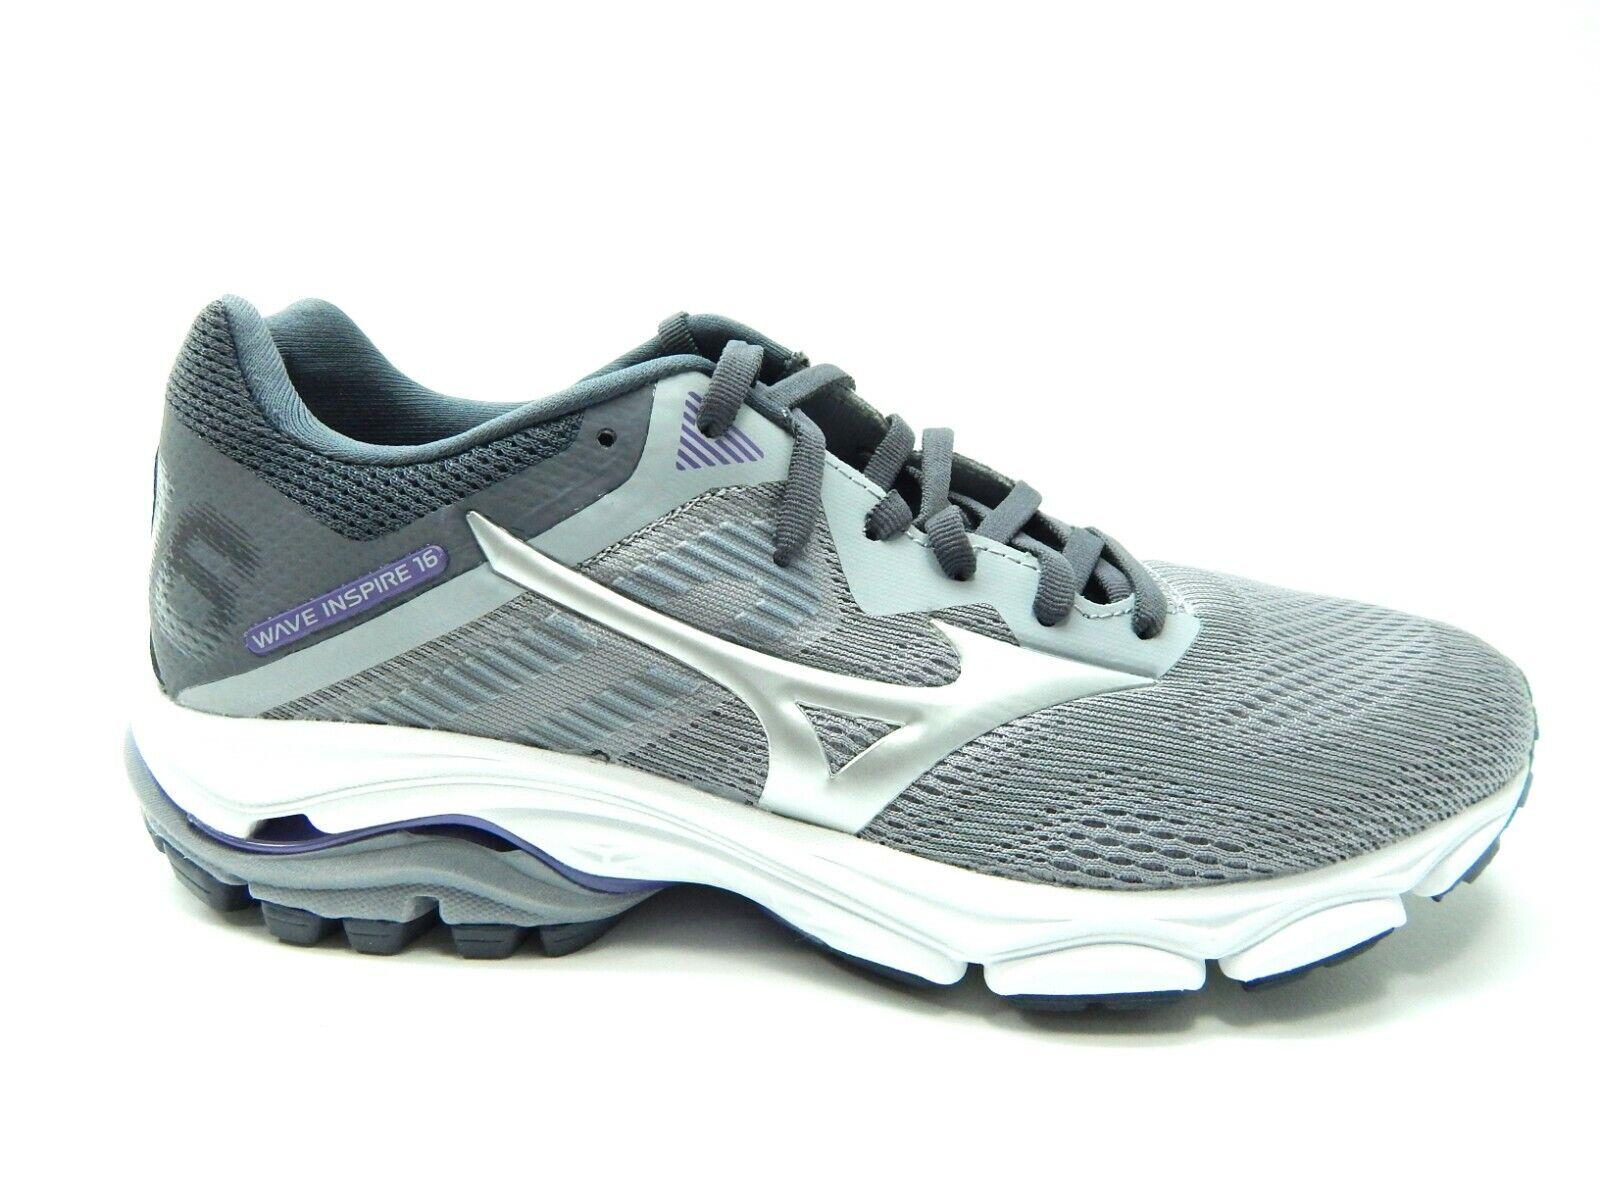 Mizuno Wave Inspire 16 Vapor Blue Silver Running Femmes Chaussures taille 11 neuf sans boîte